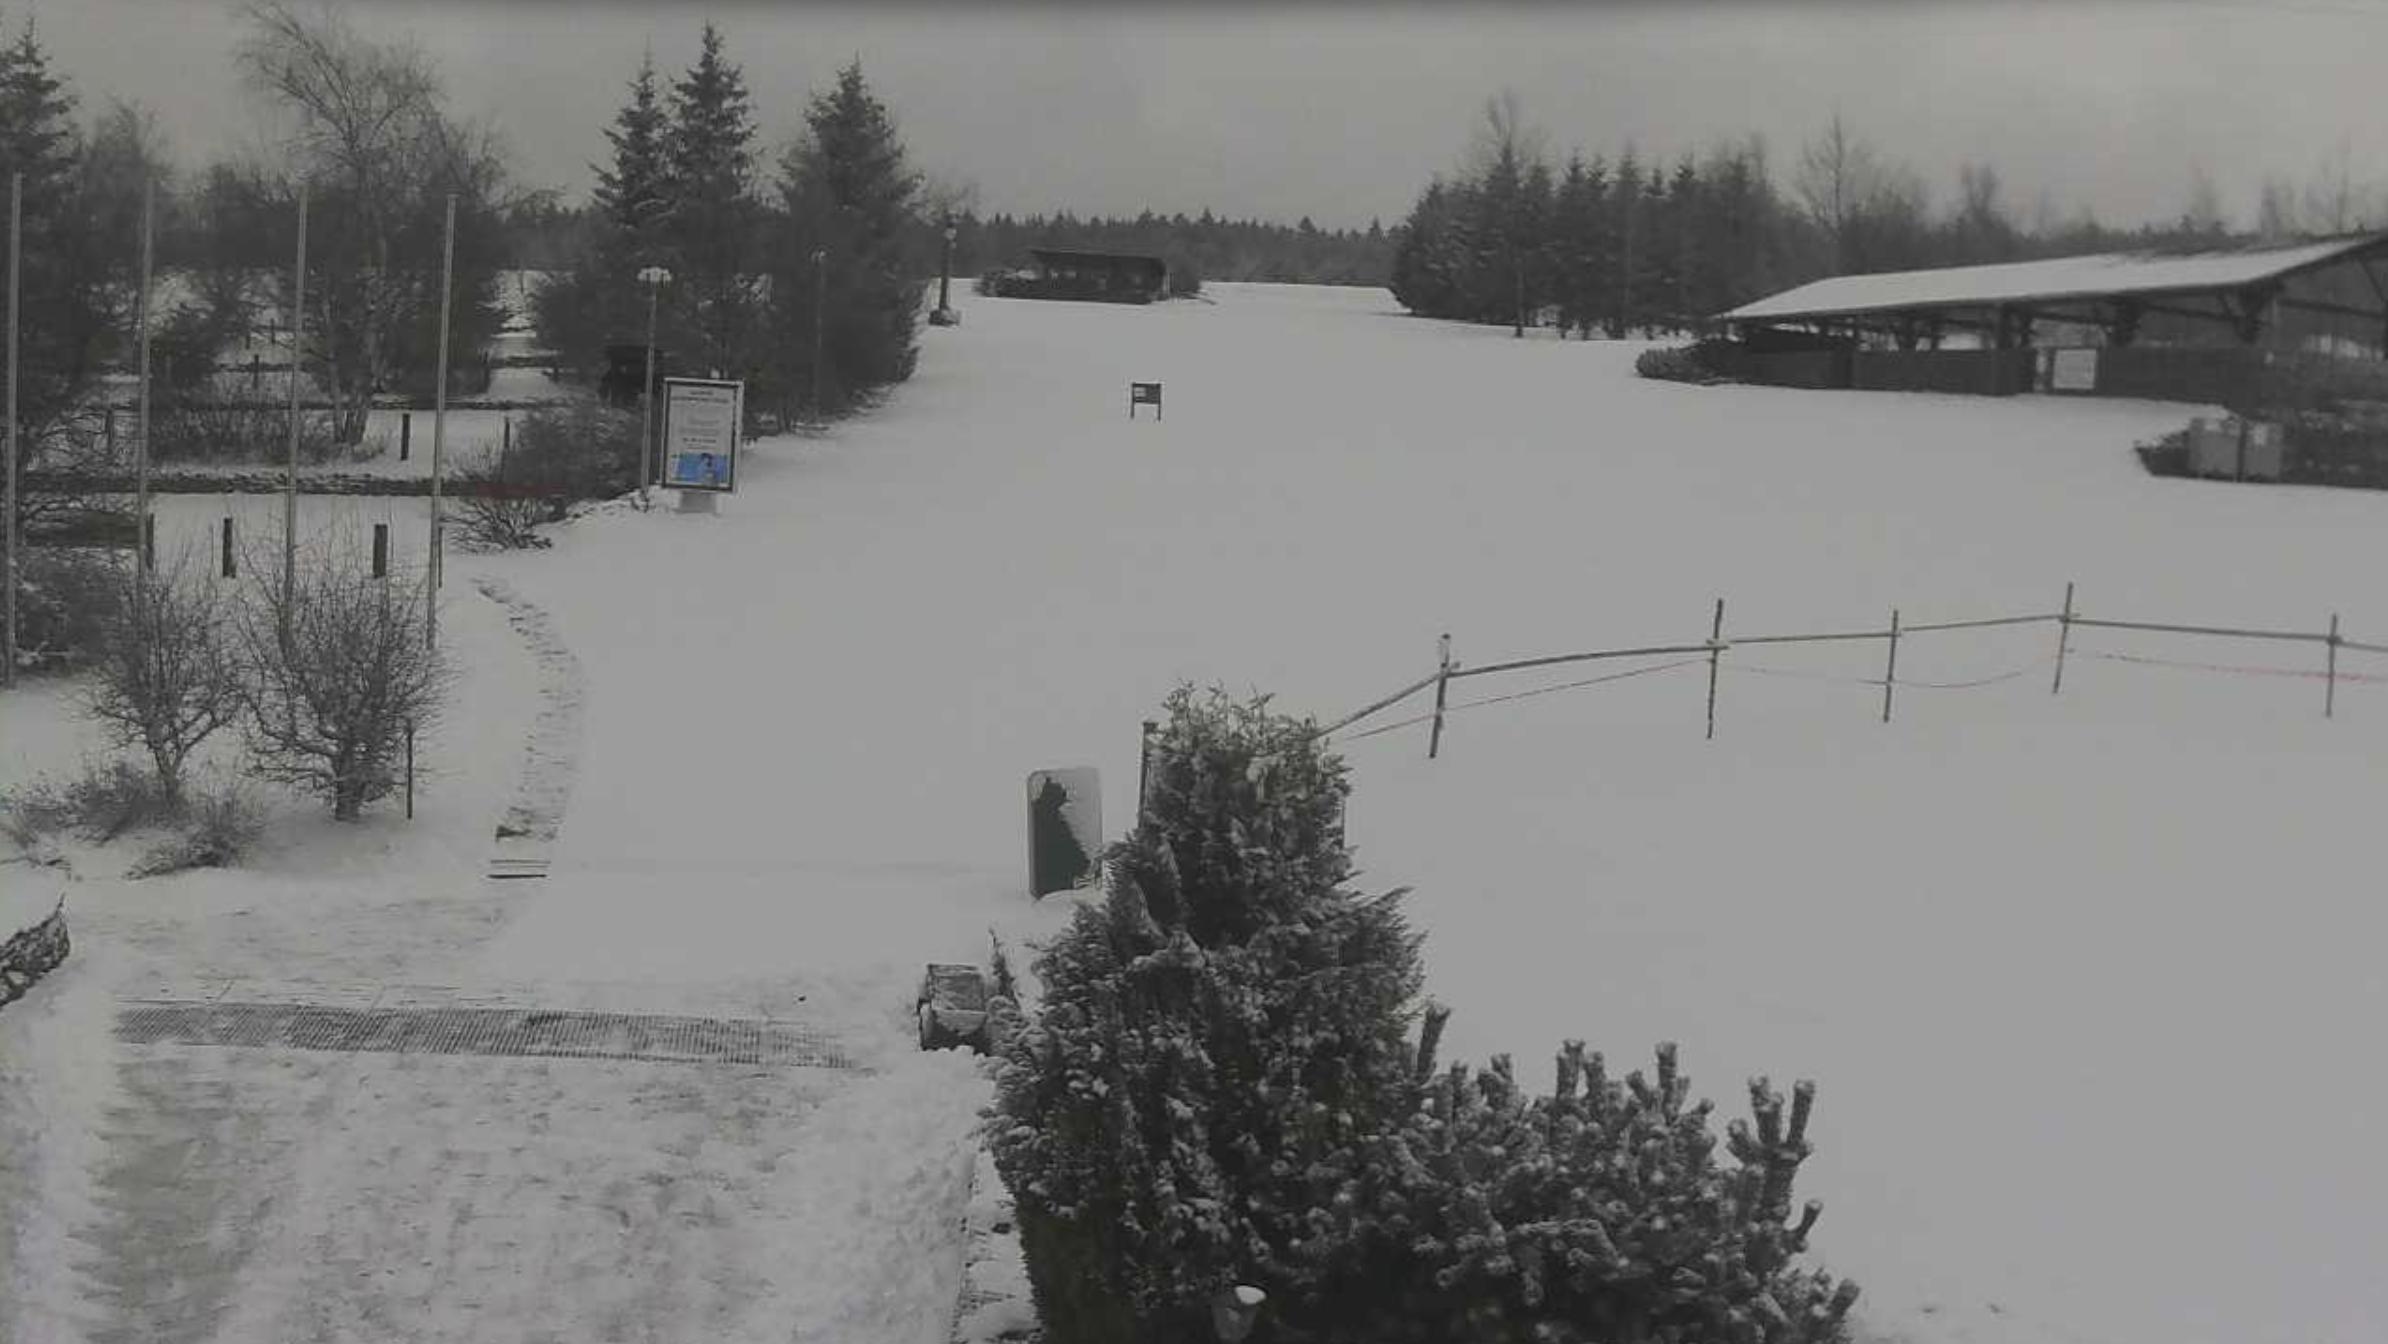 Namrzající déšť opět vystřídalo sněžení